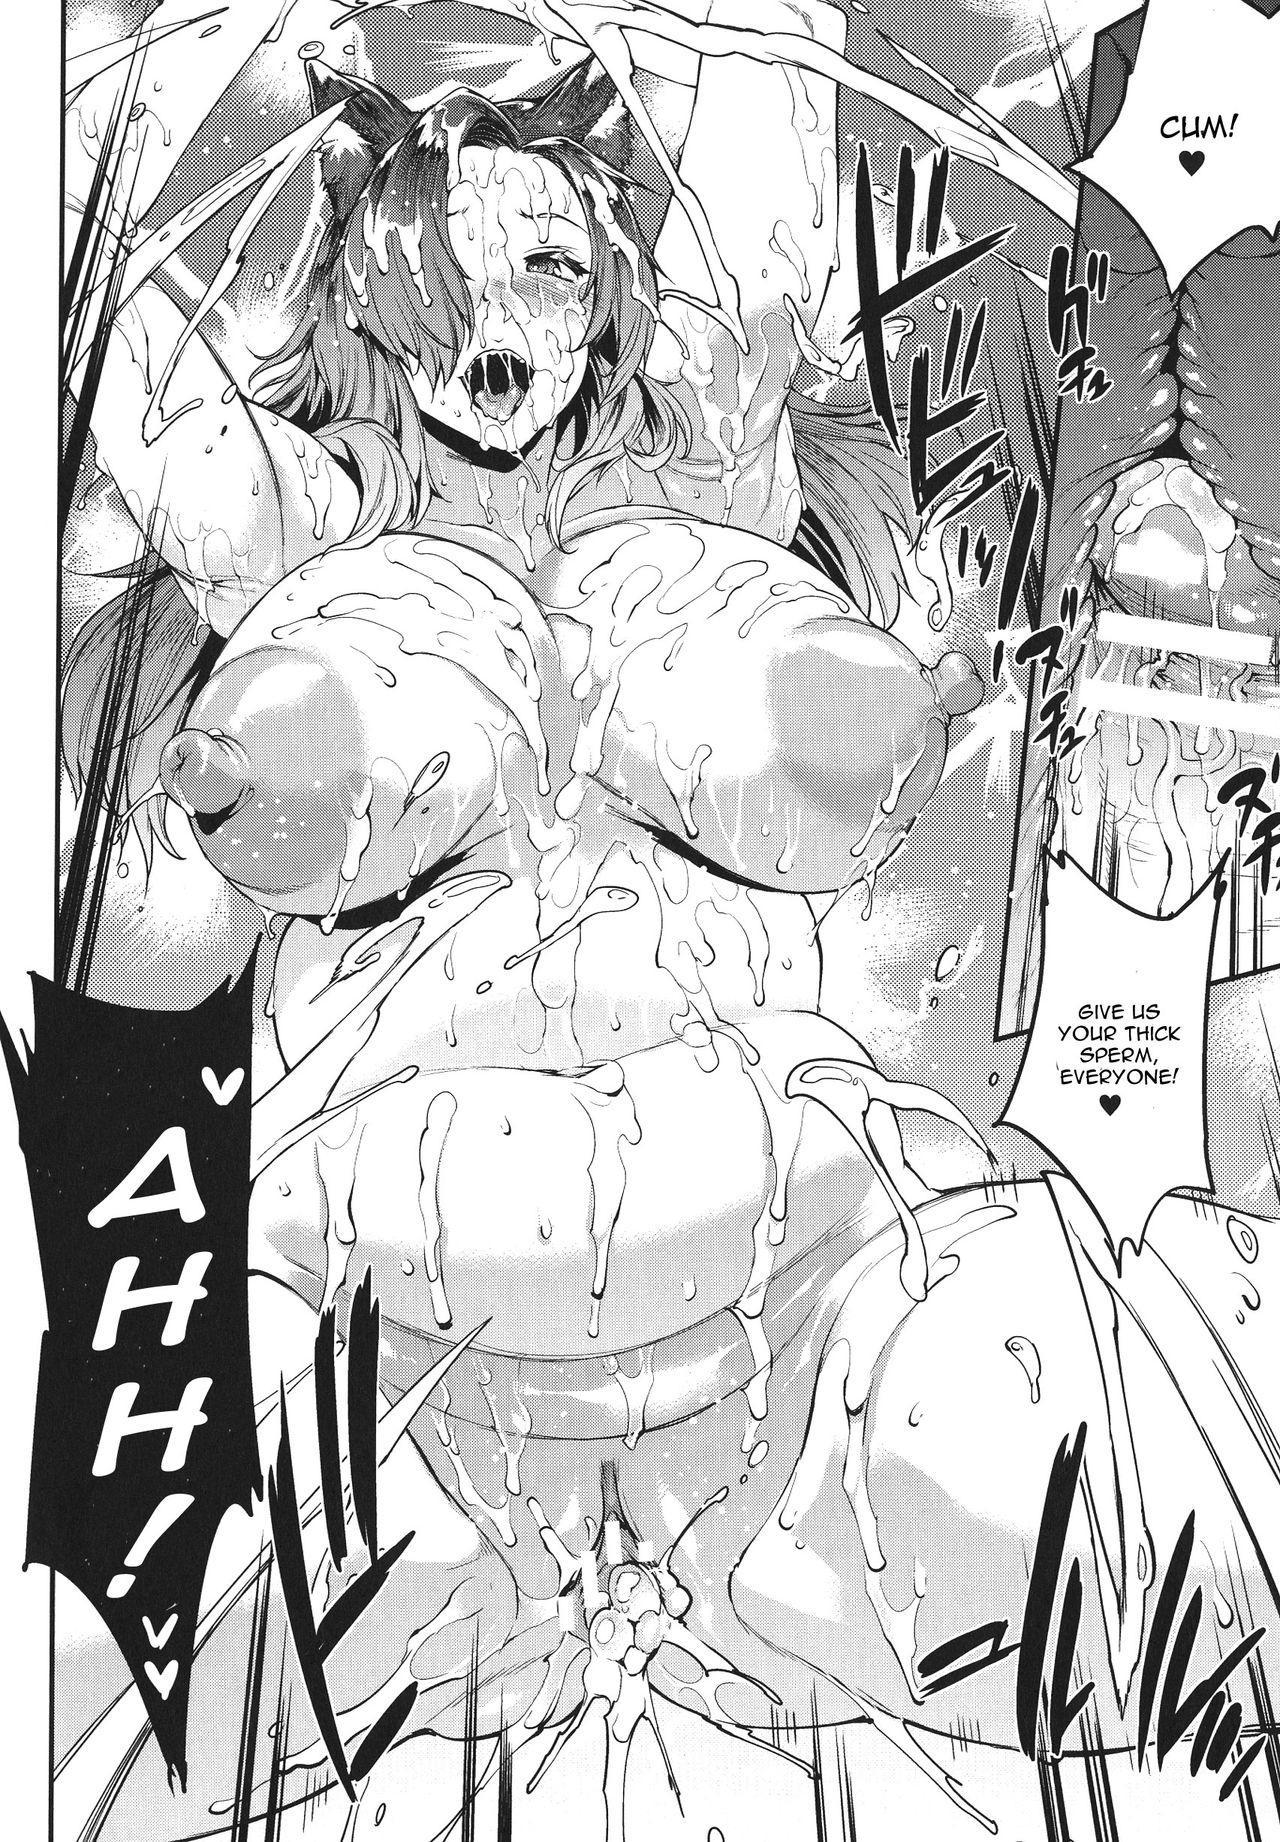 [Erect Sawaru] Raikou Shinki Igis Magia -PANDRA saga 3rd ignition- Ch. 1-7 + Medousa [English] [CGrascal] 153